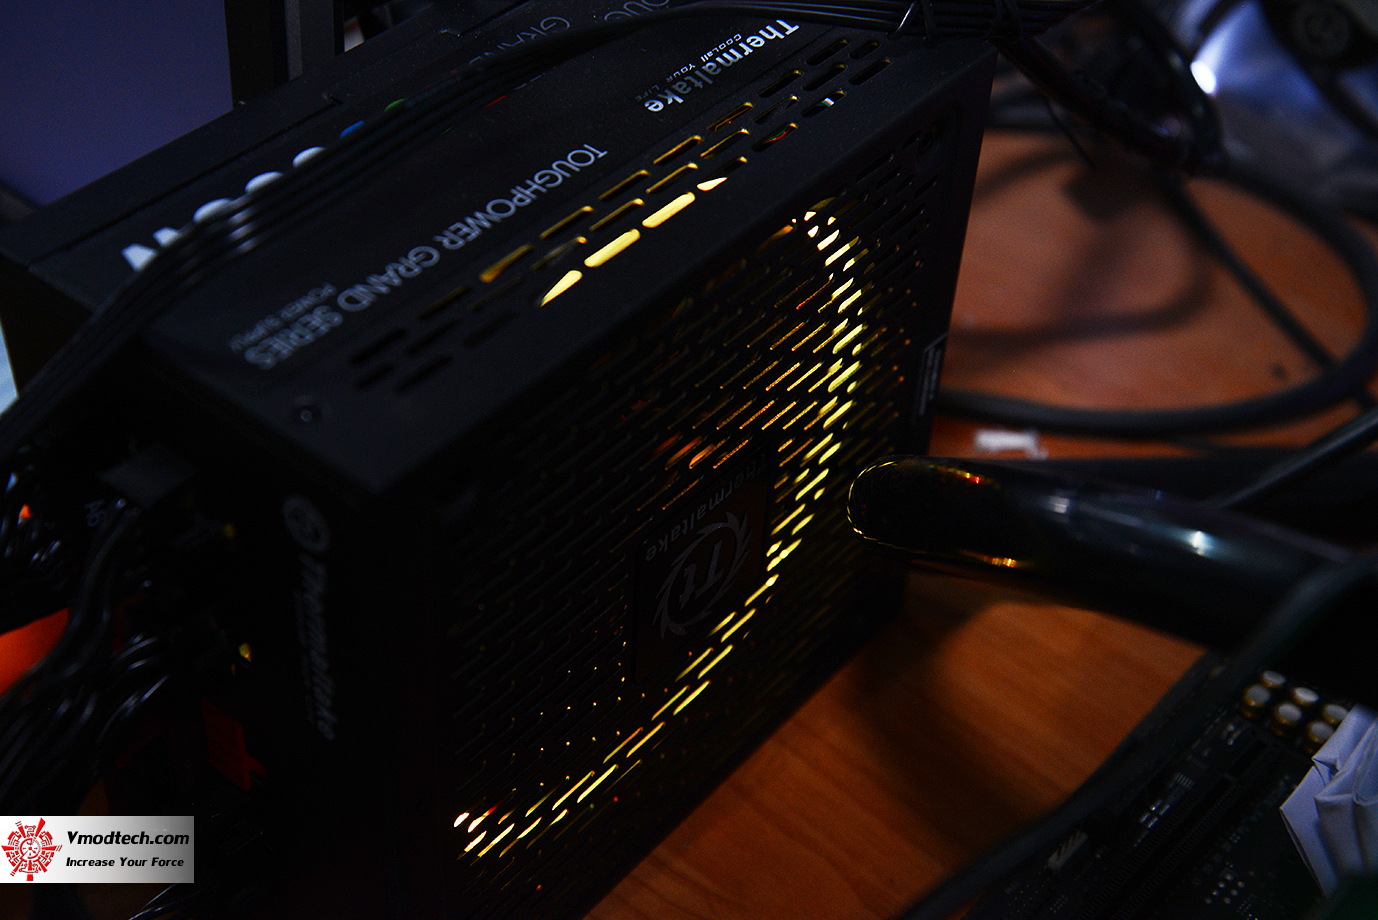 dsc 6163 Thermaltake Toughpower DPS G RGB 650W Gold Review